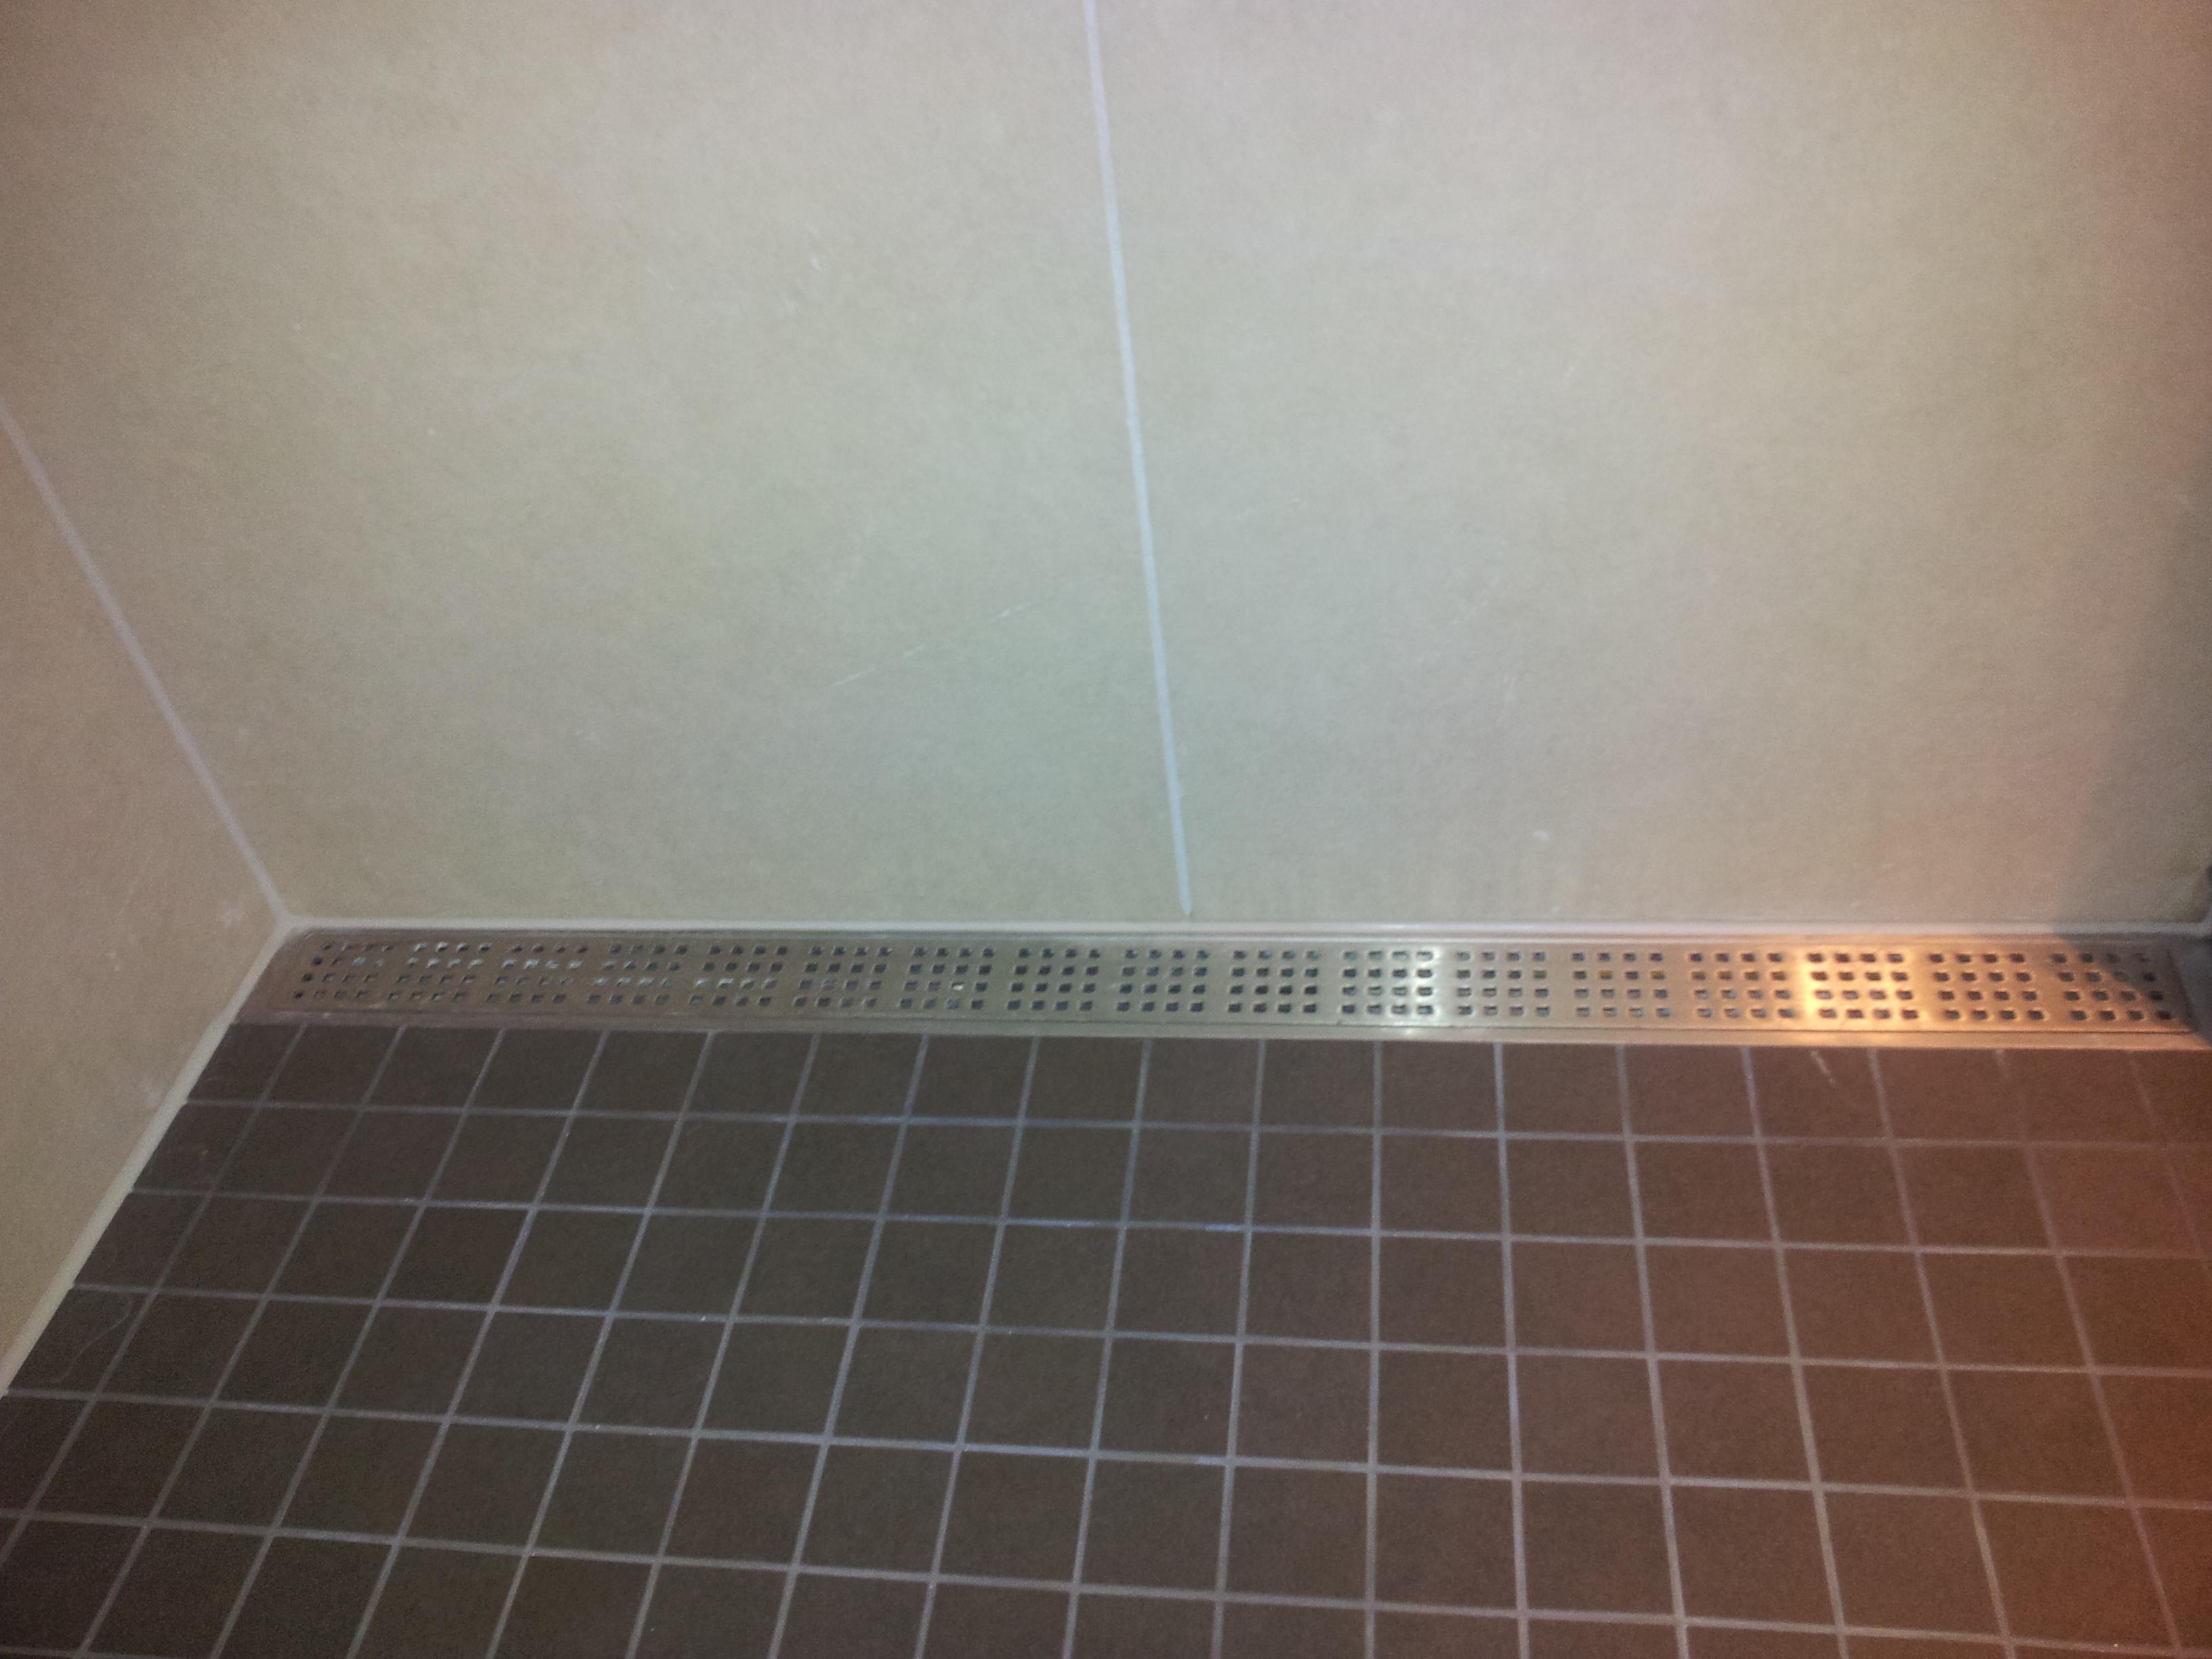 Beste Gulv Til Kj?kken : Baderom gulv beste ideer for hjem design ...